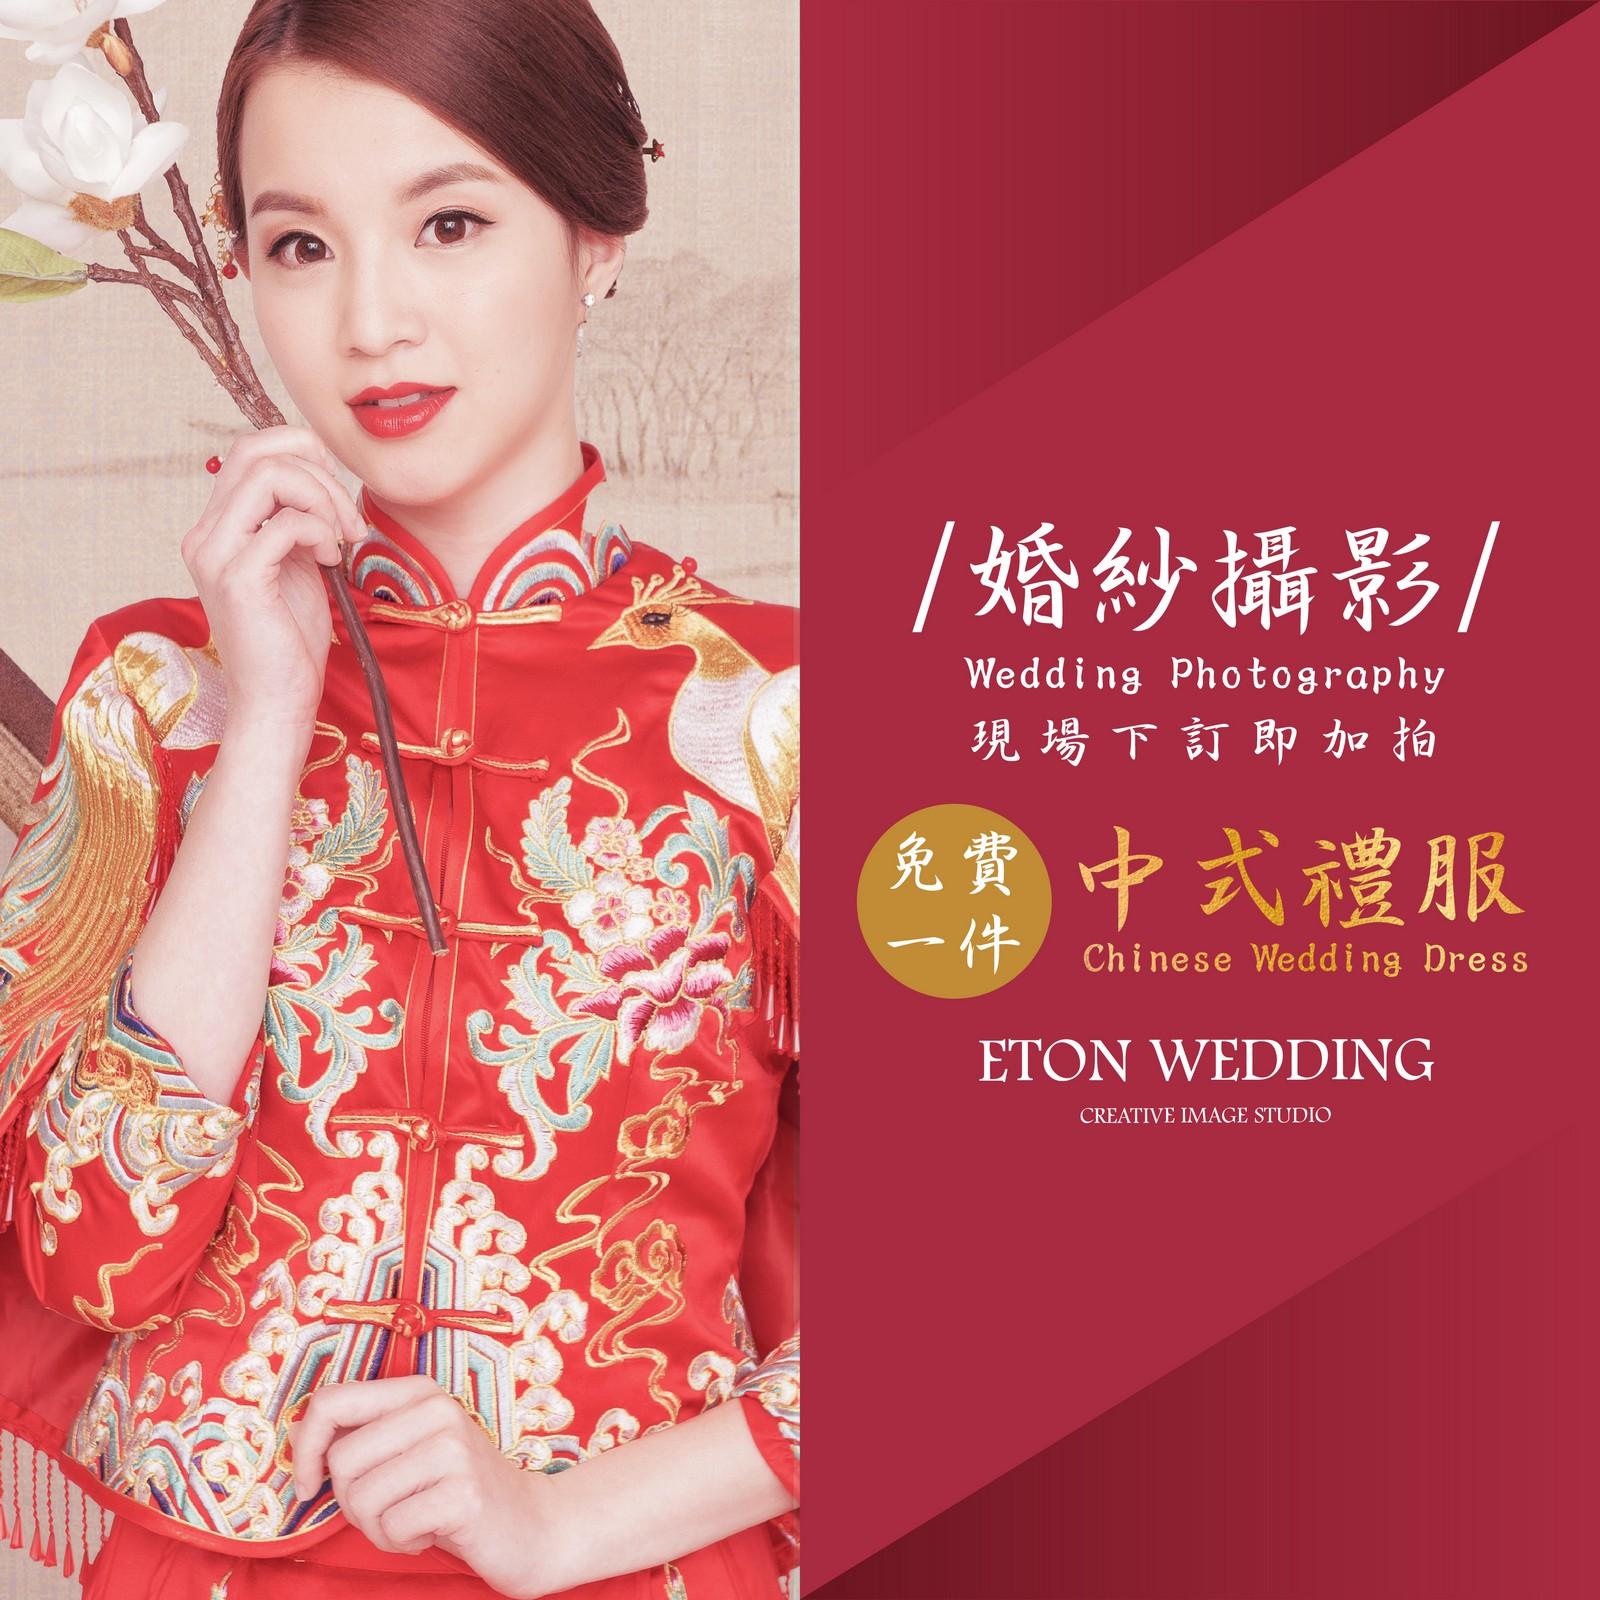 中式婚紗,中式婚紗照,中國風婚紗照